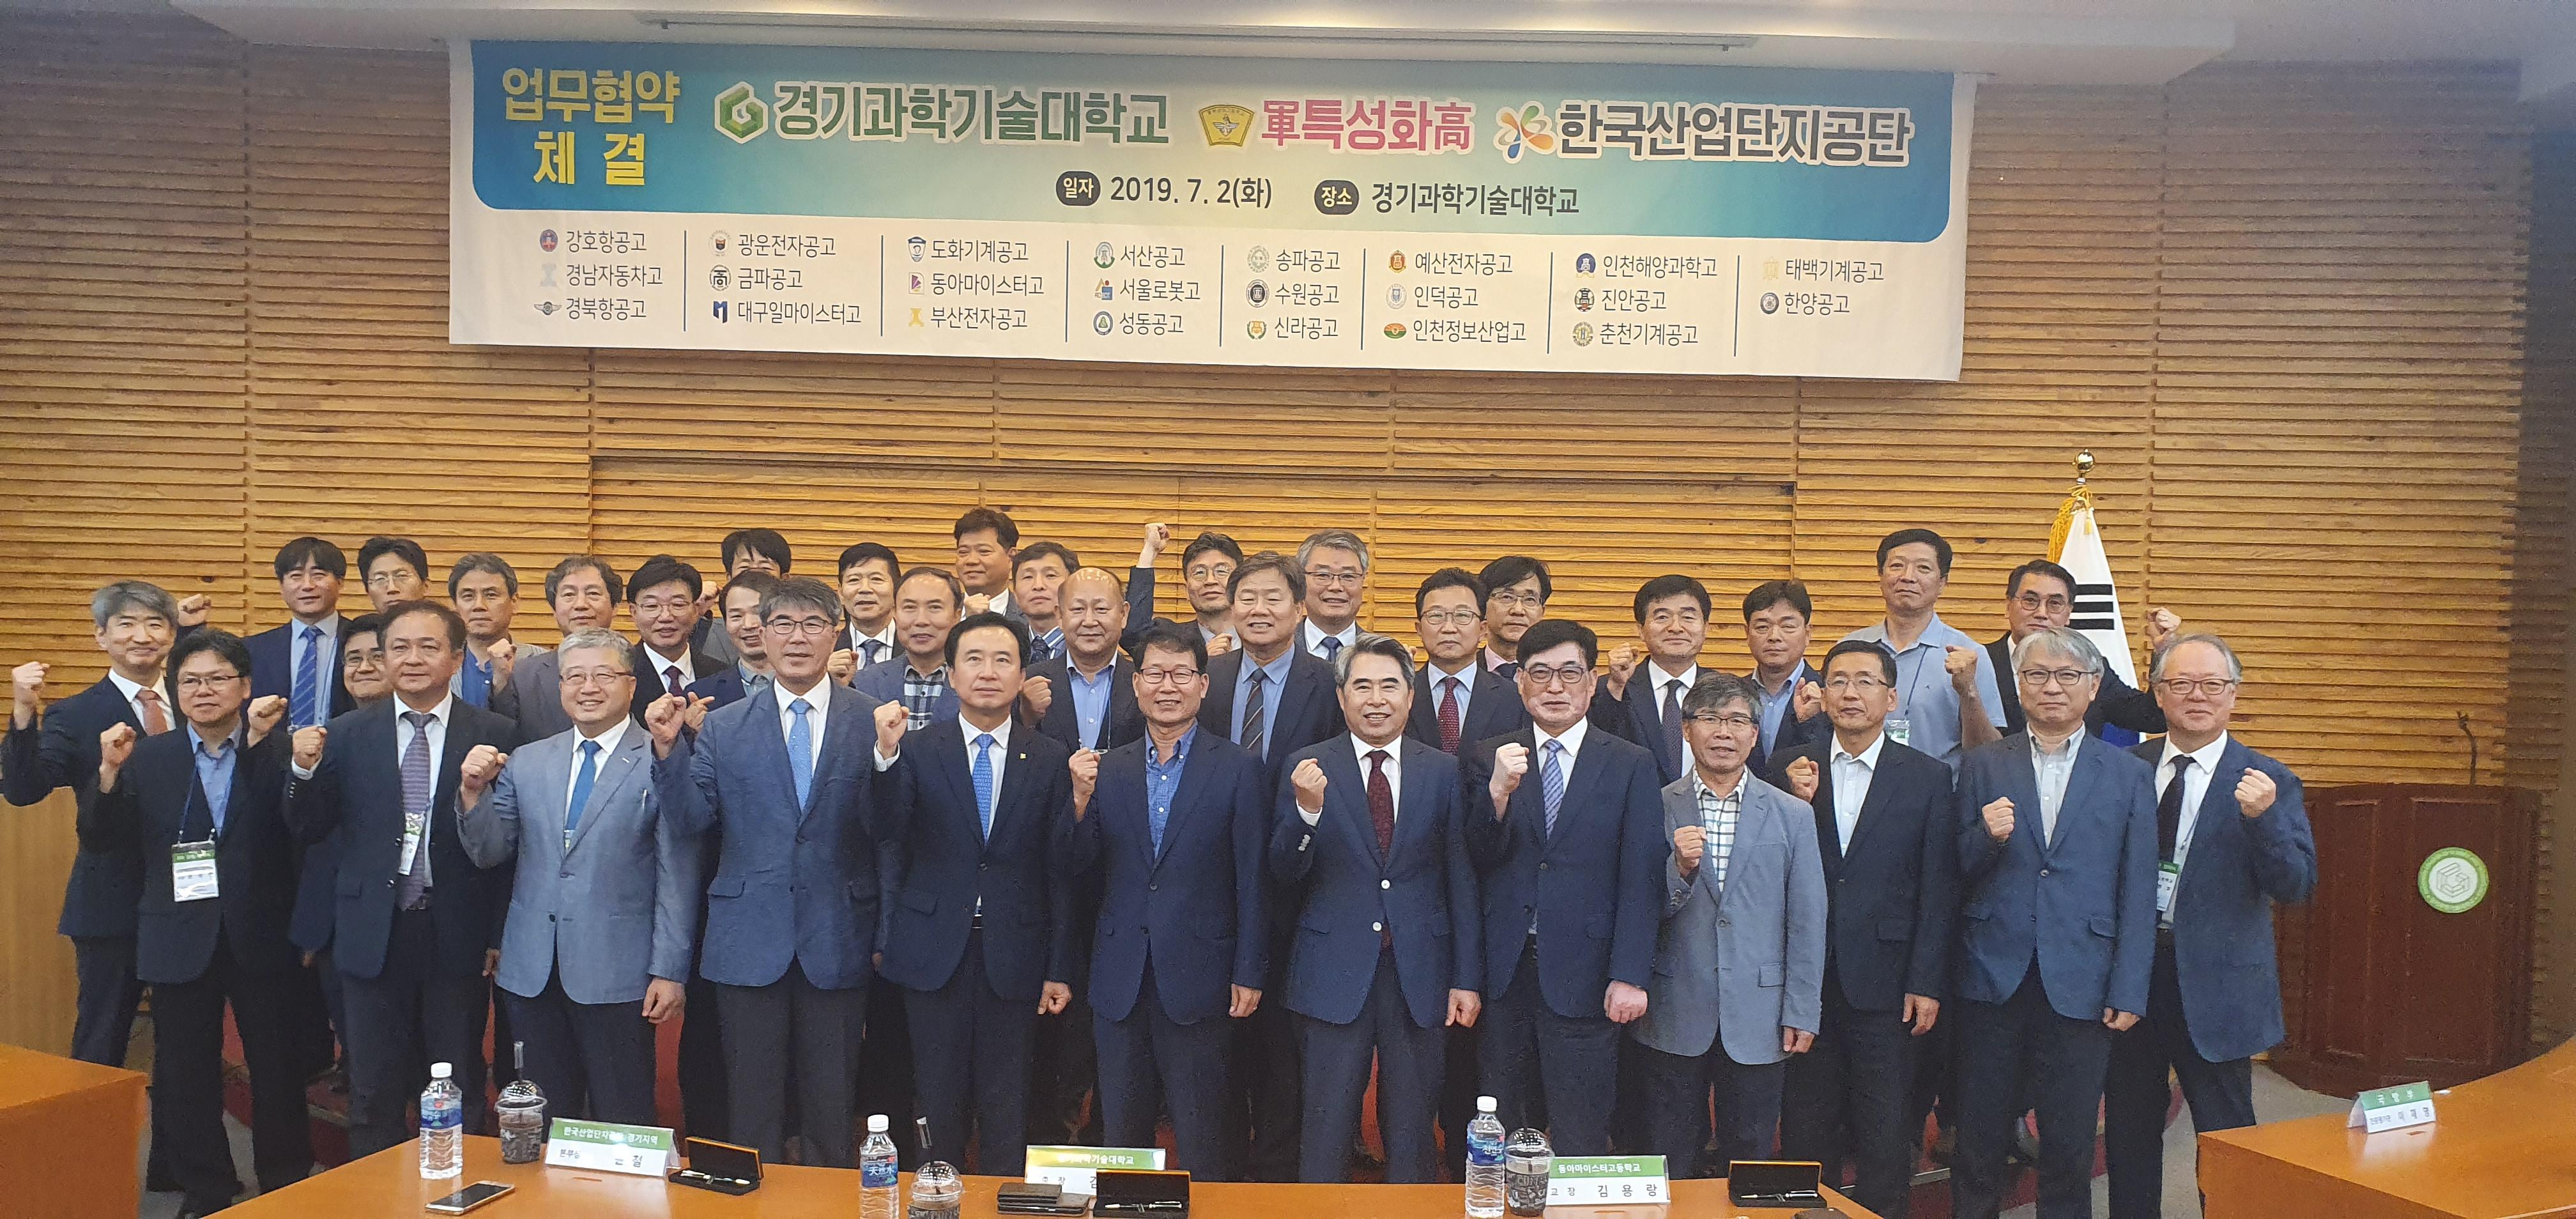 [대전]동마이스터고, 3자 공동협약 체결